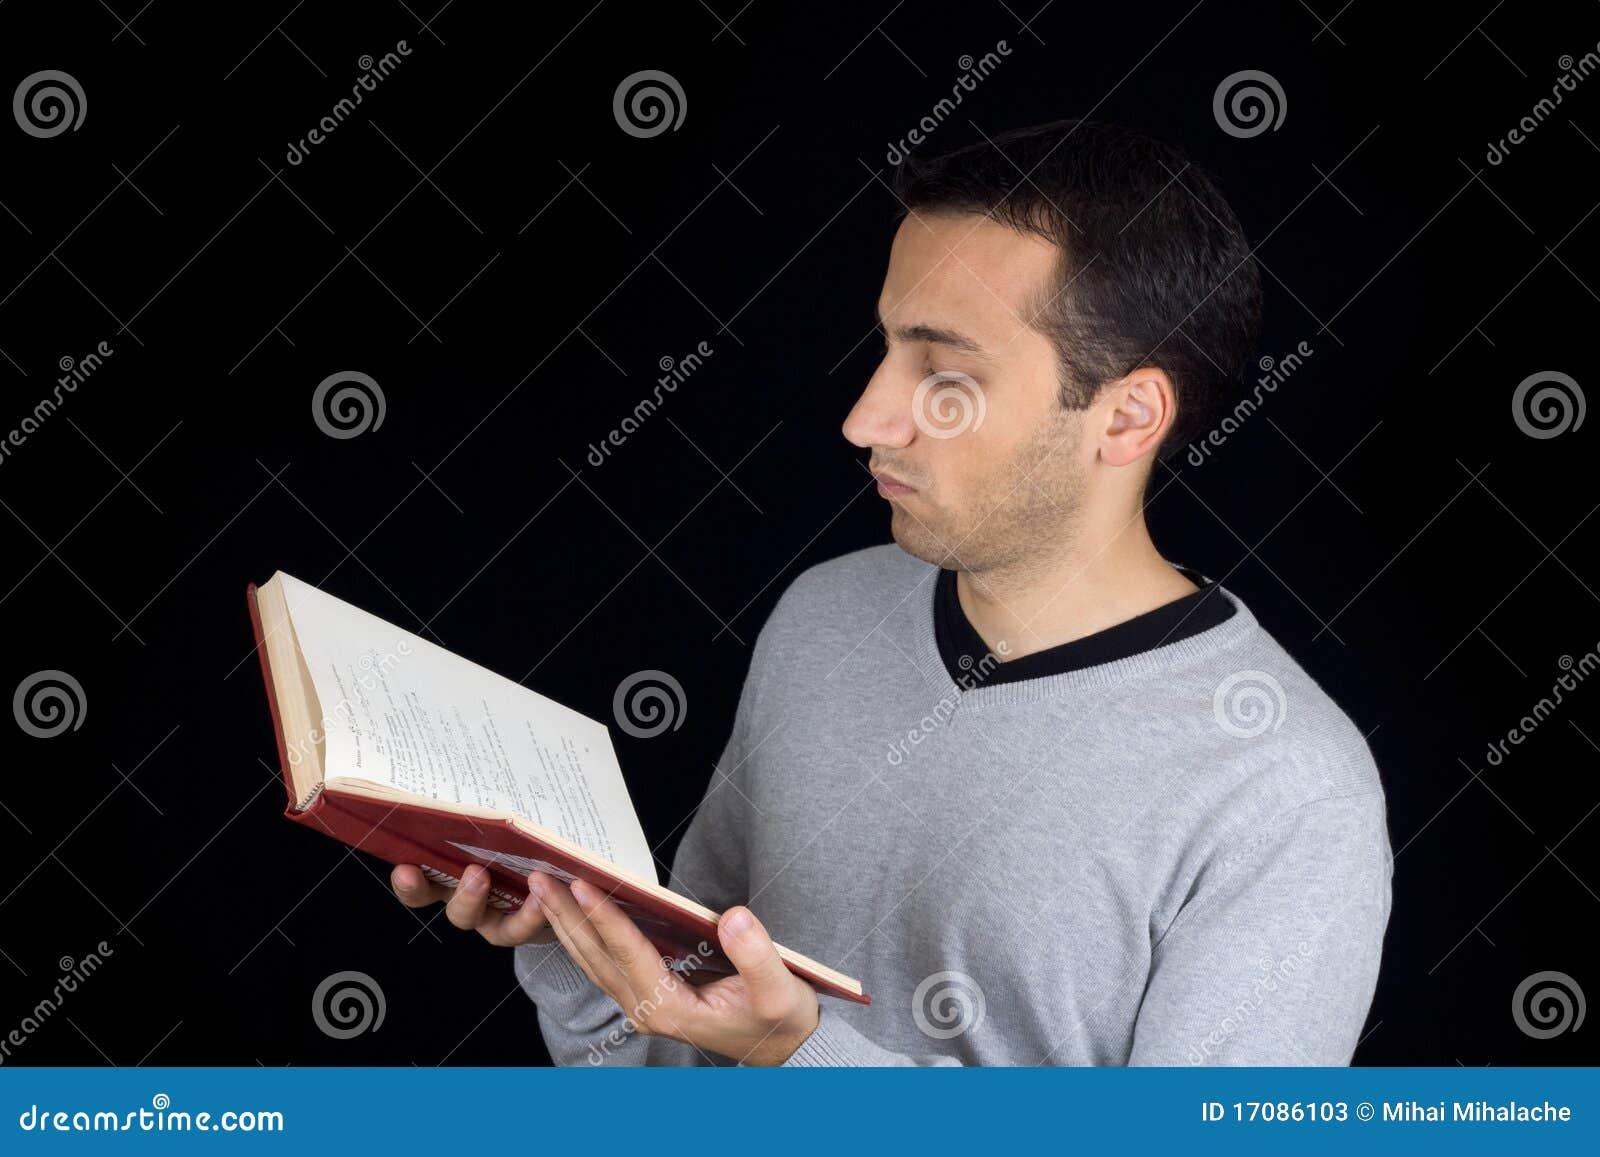 Portrait eines jungen Mannes, der ein Buch liest